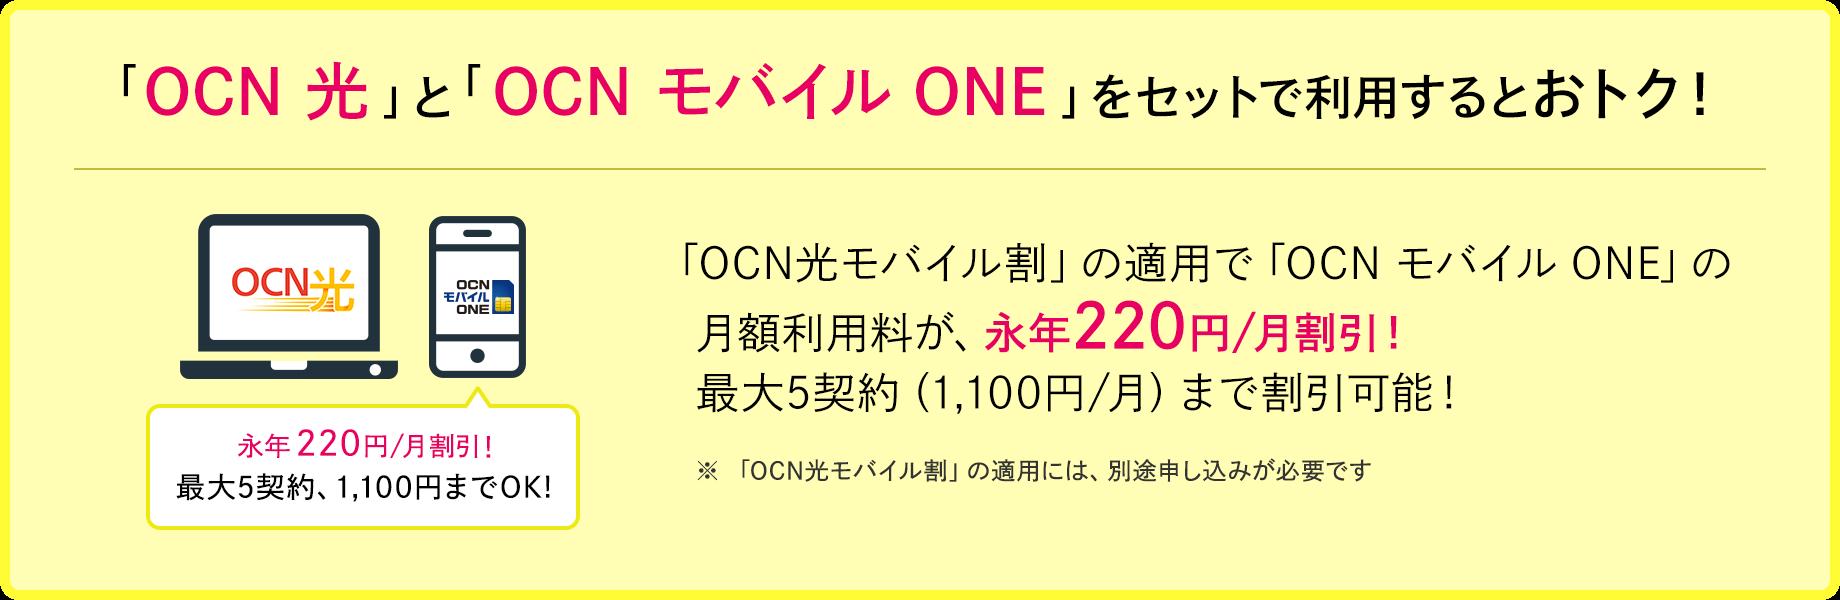 「OCN 光」と「OCN モバイル ONE」をセットで利用するとおトク!